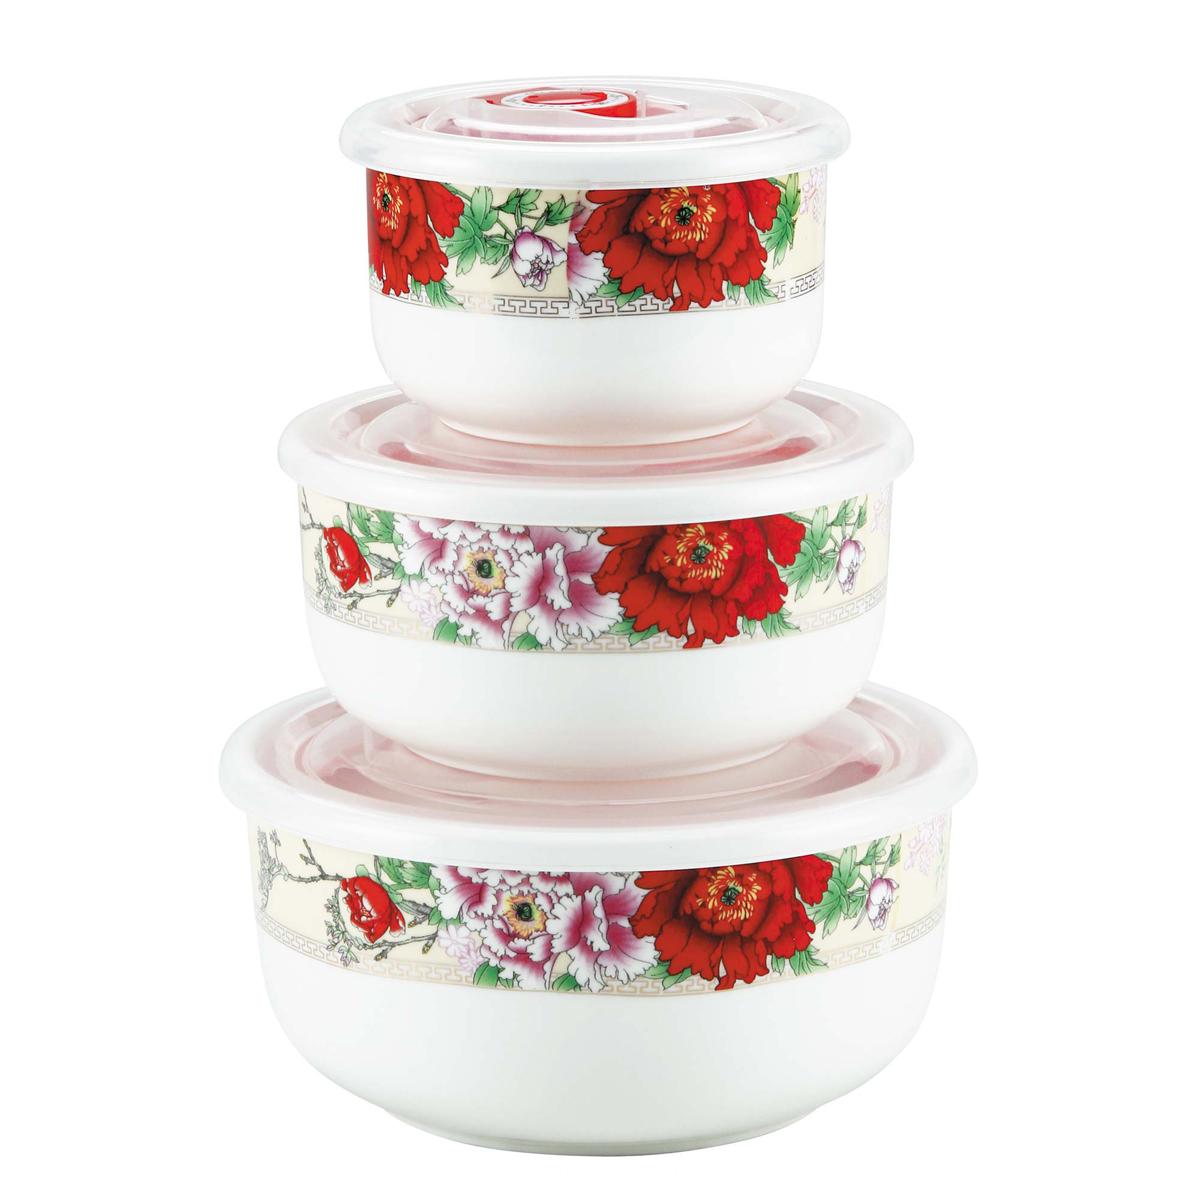 Набор контейнеров Bekker Красные цветы, 3 штVT-1520(SR)Набор Bekker Красные цветы состоит из трех круглых контейнеров, выполненных из высококачественного фарфора. Внешние стенки изделий декорированы красочным цветочным рисунком. Контейнеры снабжены пластиковыми прозрачными крышками, которые имеют силиконовую прослойку и клапан для создания вакуума, это позволяет дольше хранить продукты. Такой набор подходит для домашнего использования, контейнеры также удобно брать с собой на учебу или работу. Подходят для приготовления блюд в микроволновой печи и духовом шкафу (без крышки) при нагревании до +130°С и для замораживания (с крышкой) при температуре -30°С. Подходят для чистки в посудомоечной машине. Диаметр контейнеров: 10 см, 13 см, 15 см. Высота стенок контейнеров: 6 см, 6,5 см, 7 см. Объем контейнеров: 300 мл, 550 мл, 950 мл.